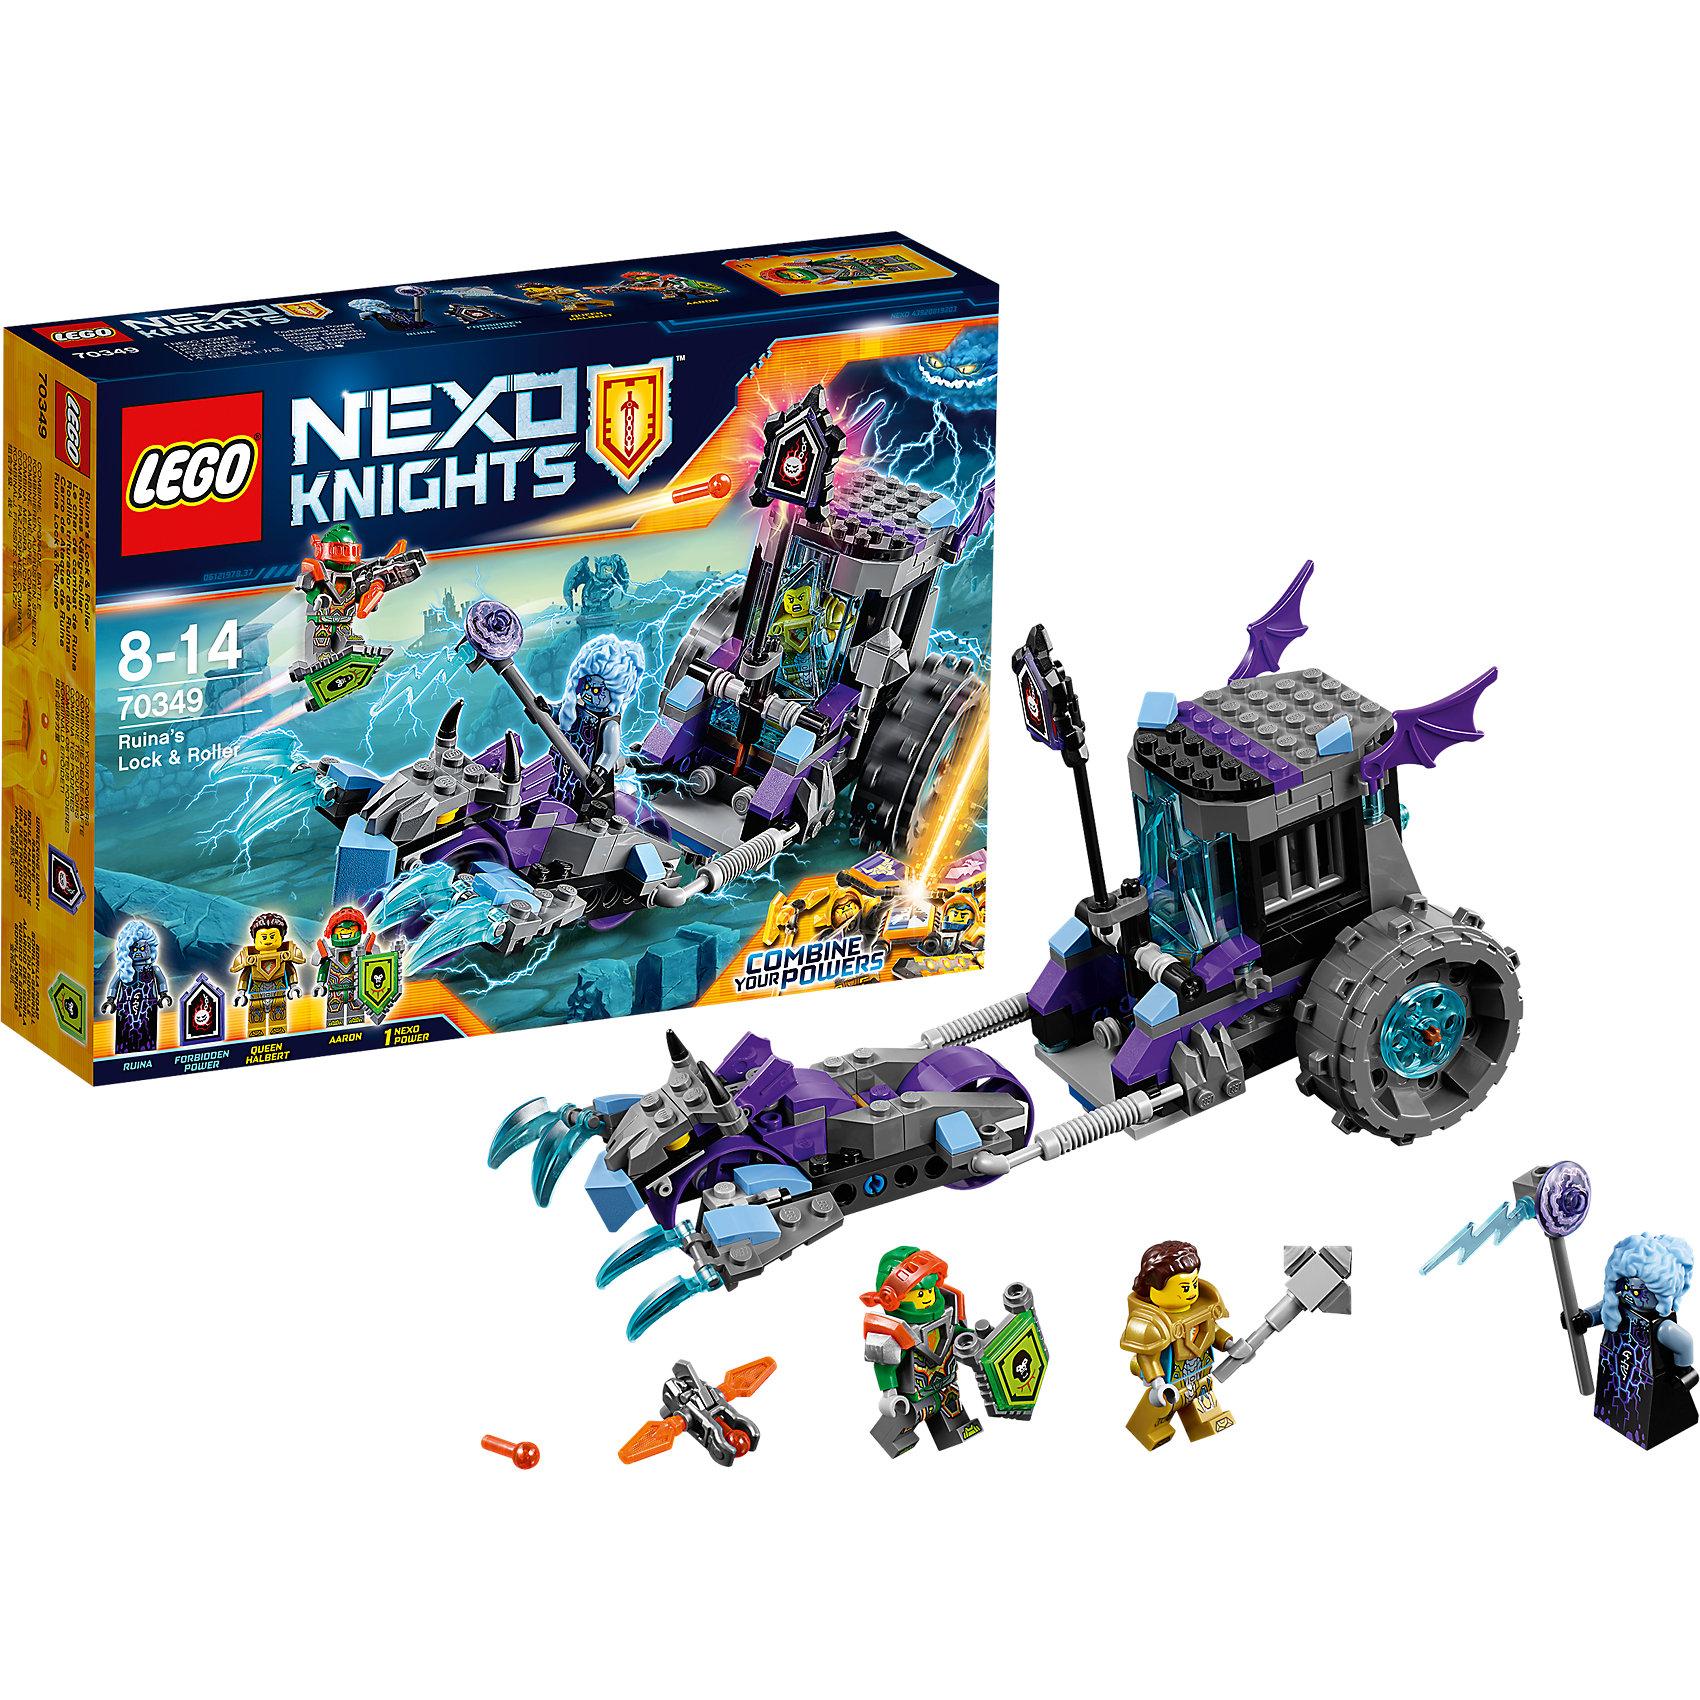 LEGO NEXO KNIGHTS 70349: Мобильная тюрьма РуиныПластмассовые конструкторы<br>LEGO NEXO KNIGHTS 70349: Мобильная тюрьма Руины<br><br>Характеристики:<br><br>- в набор входит: тюрьма, каргобайк, 3 фигурки, защитная сила, запретная сила, аксессуары, инструкция<br>- состав: пластик<br>- количество деталей: 208<br>- размер коробки: 19 * 6 * 26 см.<br>- размер мобильной тюрьмы: 23 * 9 * 12 см.<br>- для детей в возрасте: от 8 до 14 лет<br>- Страна производитель: Дания/Китай/Чехия<br><br>Легендарный конструктор LEGO (ЛЕГО) представляет серию «NEXO KNIGHTS» (Нэксо Найтс) по сюжету одноименного мультсериала. Серия понравится любителям средневековья благодаря рыцарям, принцессам, монстрам и ужасным злодеям. Королева Хальберт была похищена злой Руиной и заточена в ее тюрьме, но Аарон уже спешит на помощь! Тюрьма Руины может превращаться в две подвижные части: Каргобайк, которым она управляет и сама мобильная тюрьма. Дверь клетки открывается, решетчатые окна не позволят узнику убежать, а спереди тюрьму закрывает ледяная глыба из прозрачной детали. Запретная сила злодеев «Сокрушительный гнев» расположена на флагштоке, но если его передвинуть вниз, то узник сможет сбежать из тюрьмы благодаря выдвижному полу. Фигурка злодейки отлично детализирована, у нее необычная прическа и голубой цвет волос. Посох с молниями это оружие похитительницы, у нее имеется два выражения лица. Королева Хальберт здесь представлена в золотых доспехах и с молотом в качестве оружия, также имеет два выражения лица. Сам Аарон представлен в новом костюме с оранжевым забралом, Нексо-щитом и арбалетом, имеет два выражения лица. Арбалет стреляет с помощью небольшого пластикового механизма. Помогай рыцарям бороться с каменными монстрами с помощью прогресса и невероятной Нексо силы!<br><br>Конструктор LEGO NEXO KNIGHTS 70349: Мобильная тюрьма Руины можно купить в нашем интернет-магазине.<br><br>Ширина мм: 262<br>Глубина мм: 195<br>Высота мм: 68<br>Вес г: 345<br>Возраст от месяцев: 84<br>Возраст до месяцев: 168<br>По